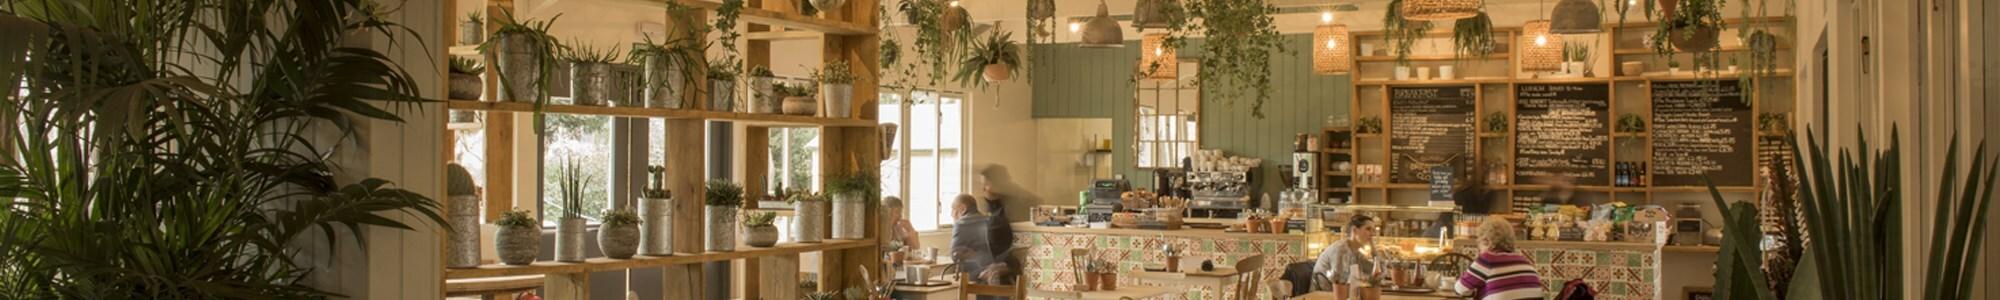 CrocusPlant Centre at Dorney Court Kitchen Garden